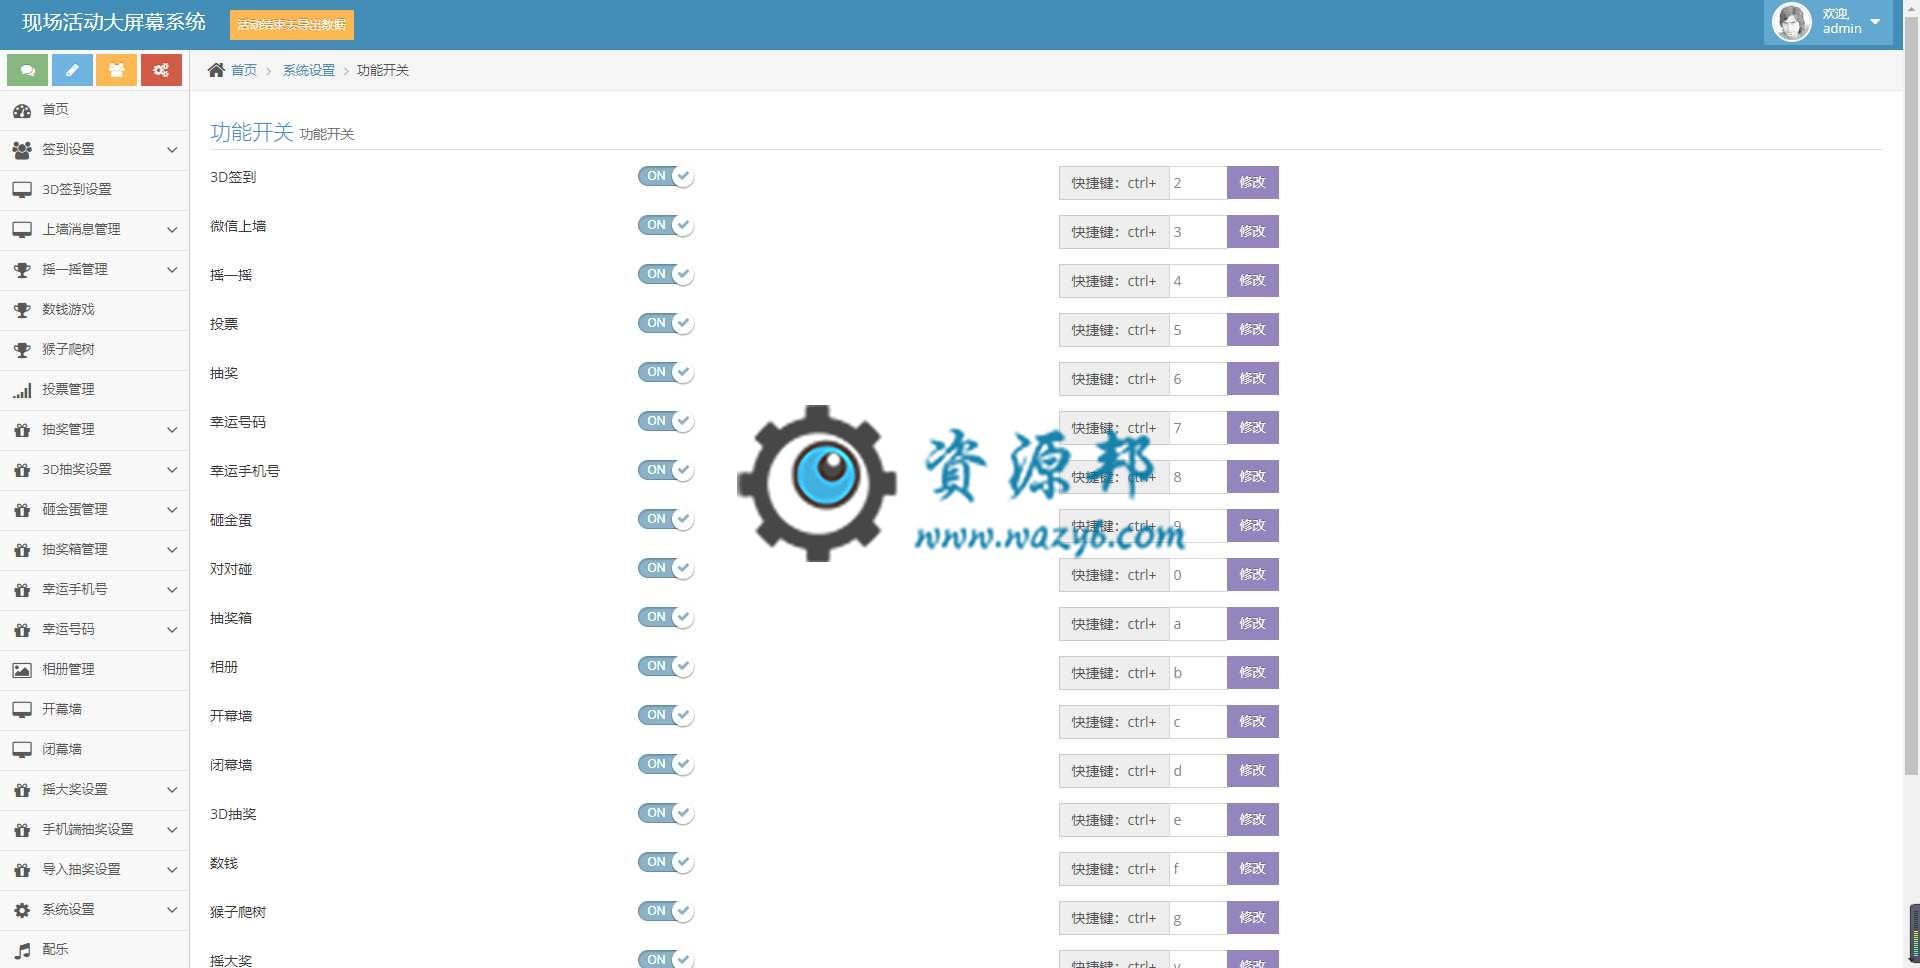 最新微信大屏幕上墙微信墙现场大屏幕上墙系统PHP源码,公司年会必备的微信大屏幕上墙互动系统 PHP源码 第18张